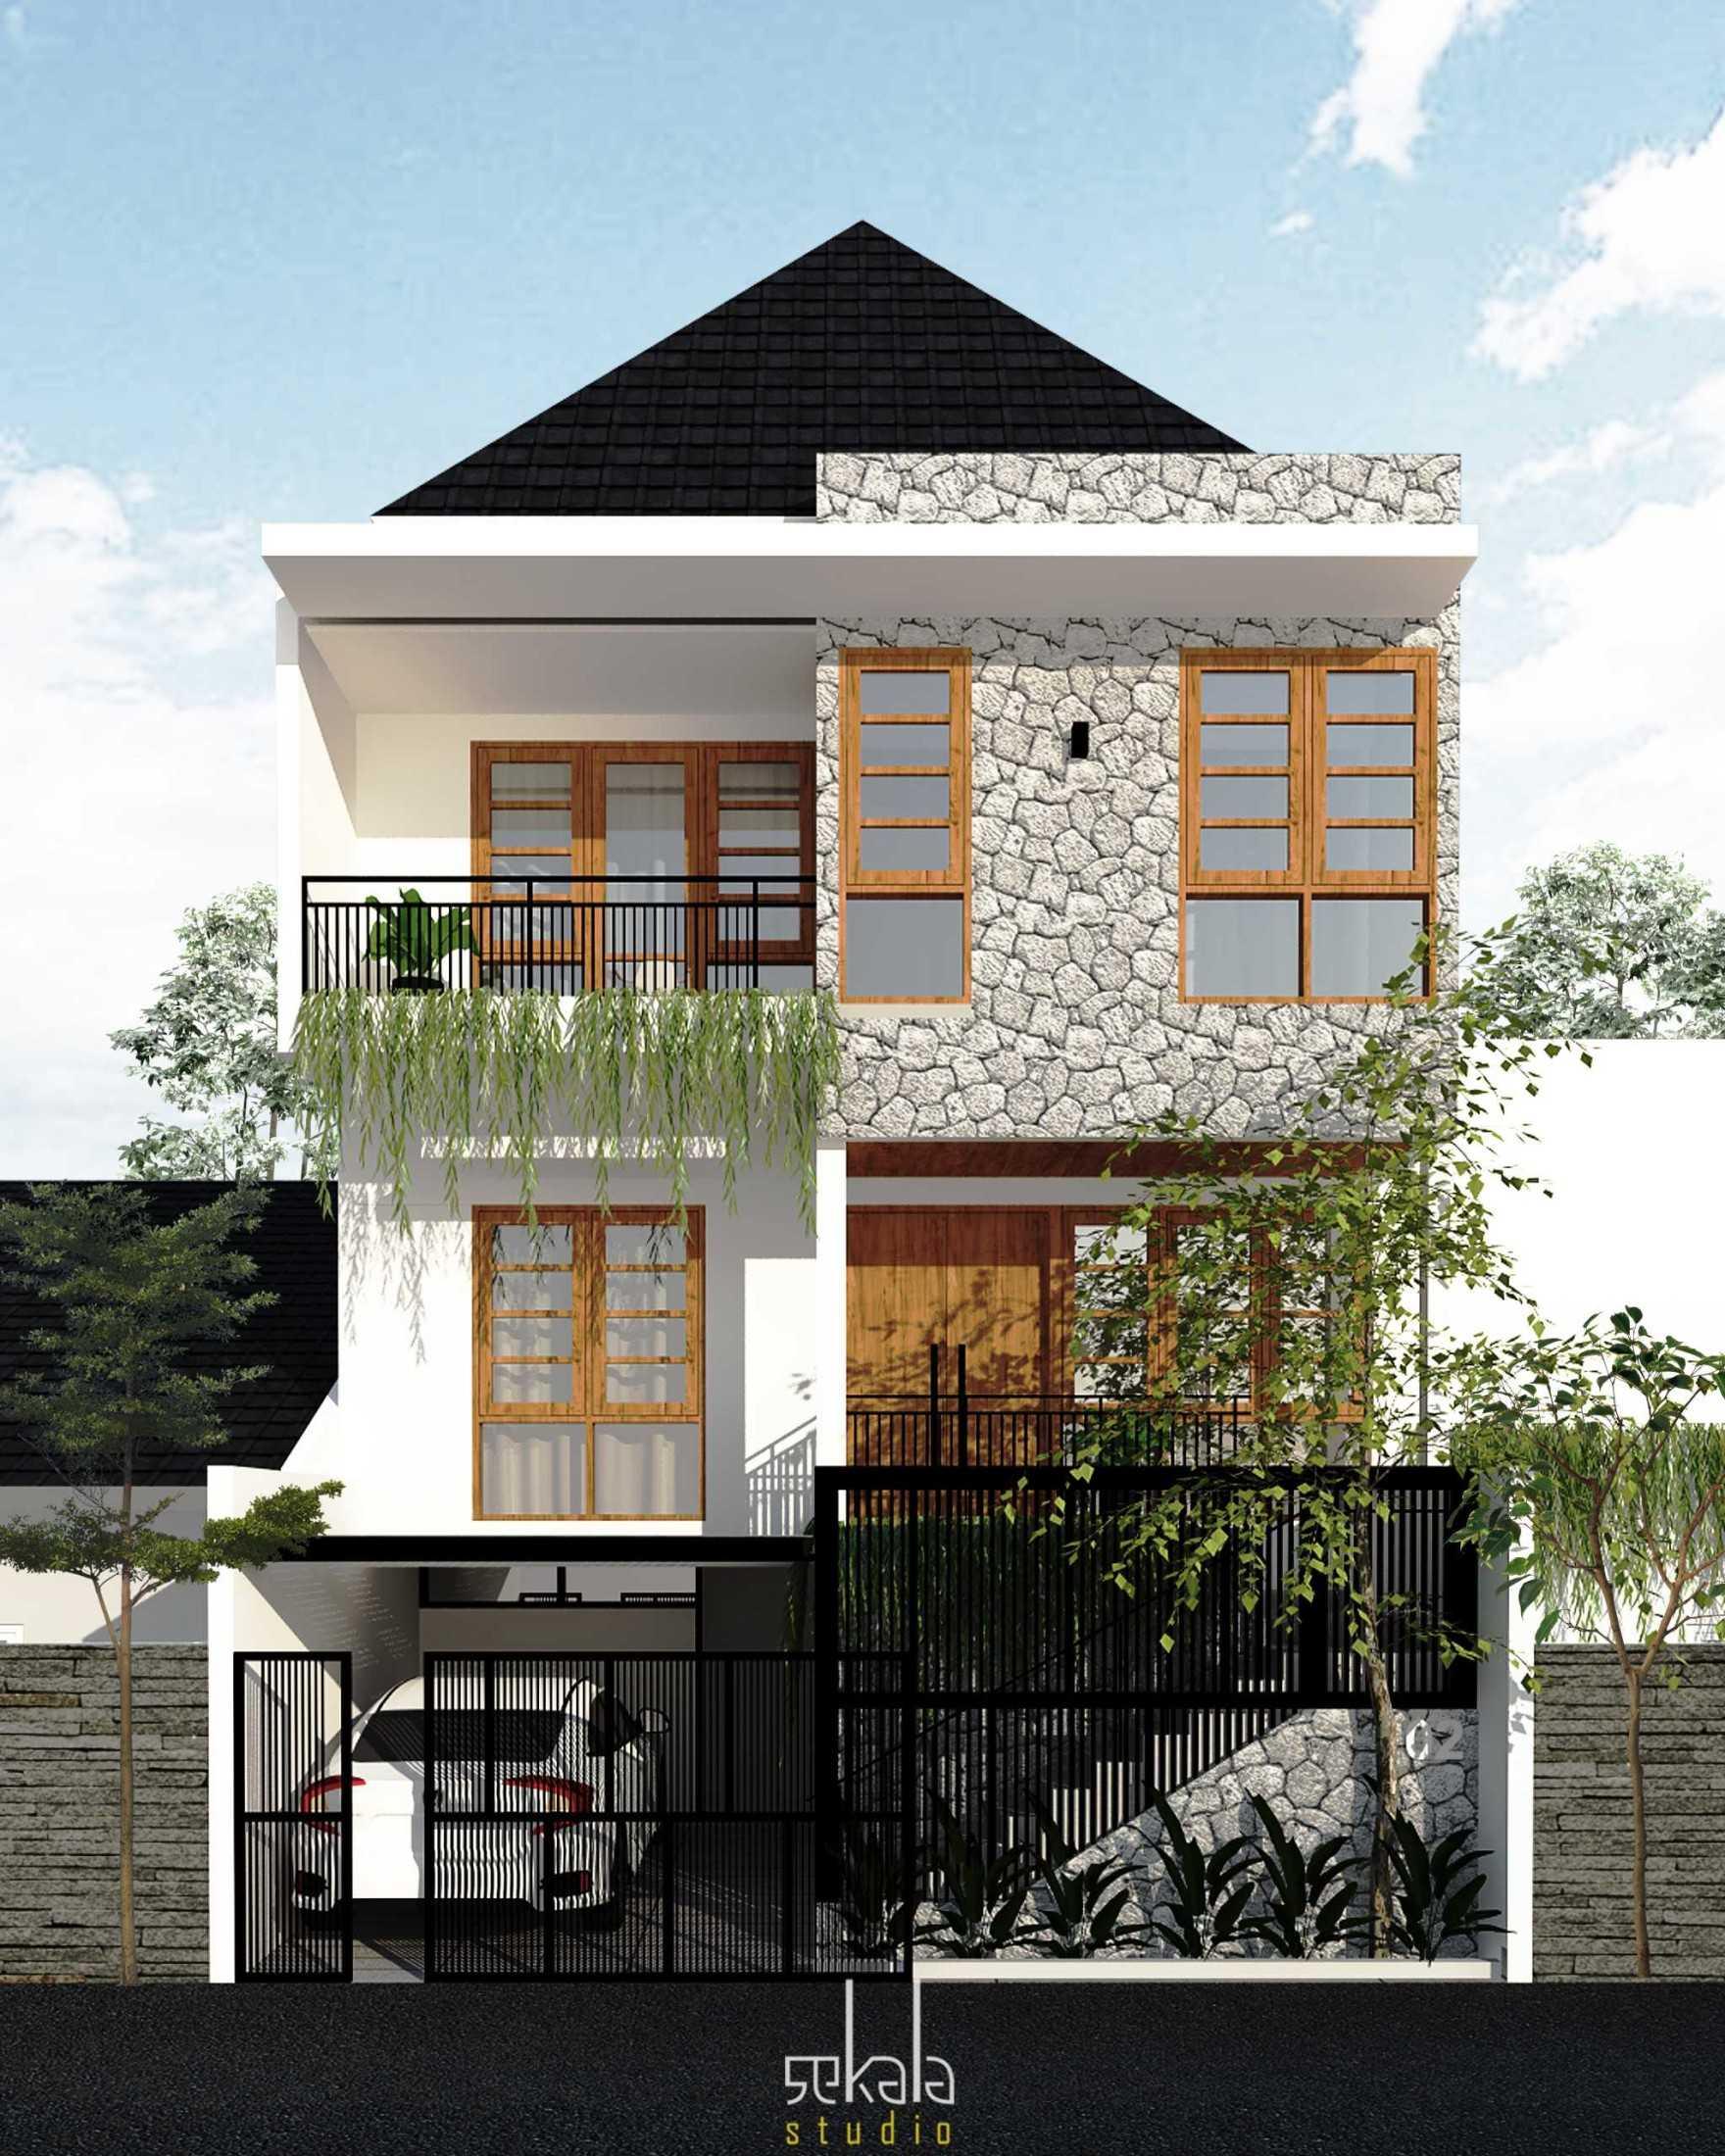 Foto inspirasi ide desain kamar tidur anak minimalis Sekala-house-in-krembangan-surabaya oleh SEKALA di Arsitag